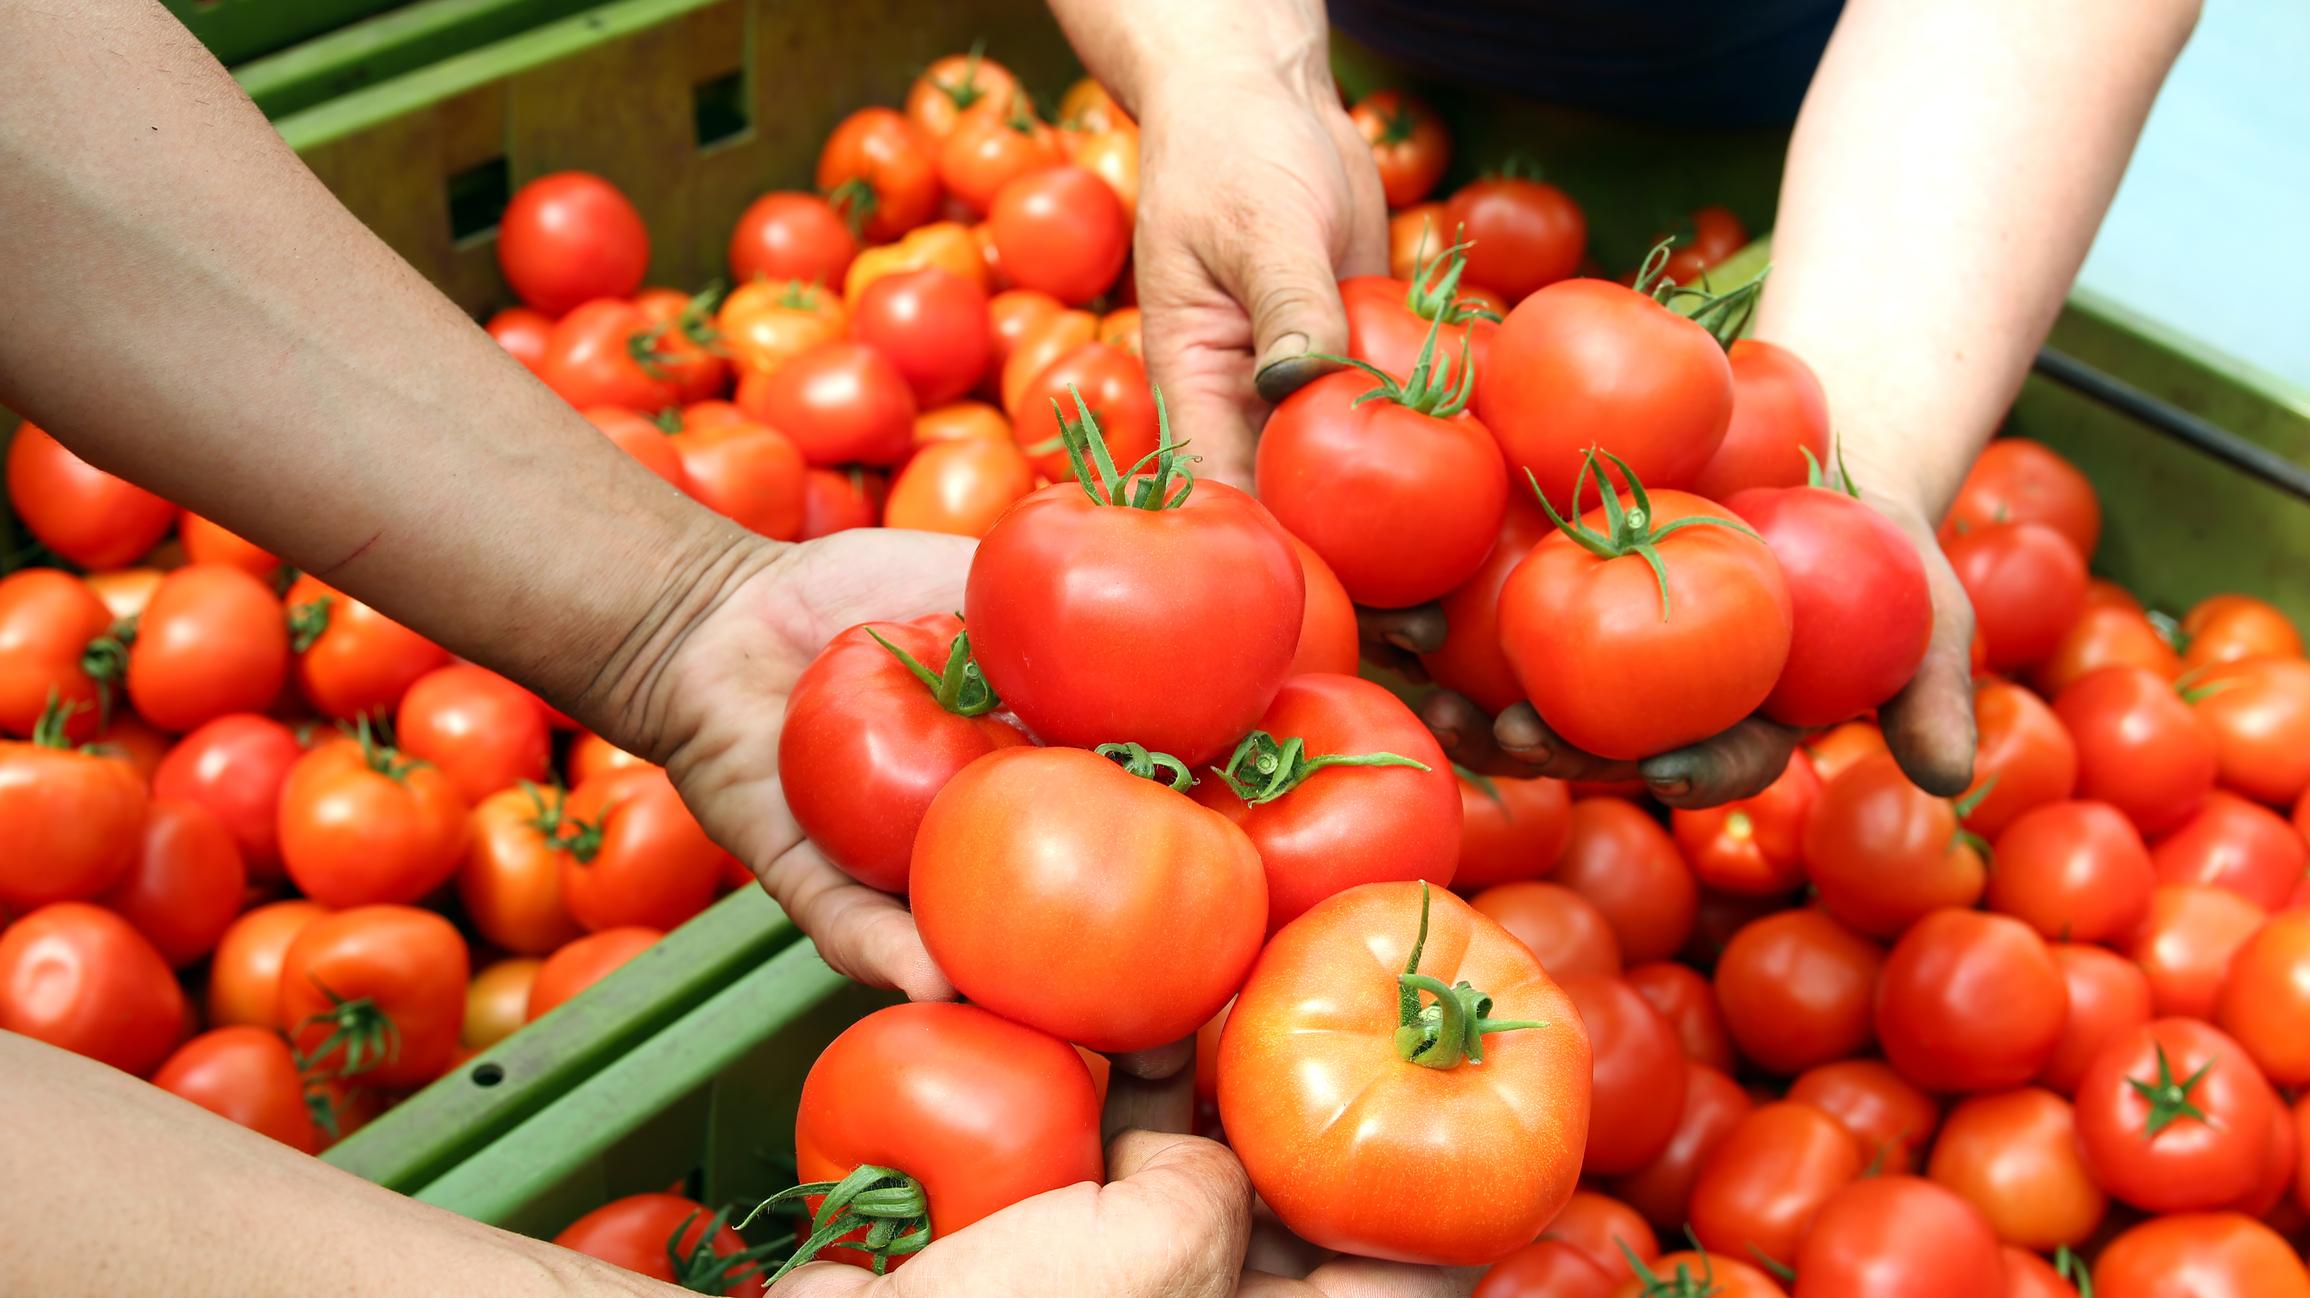 Tomatoes in a bin.